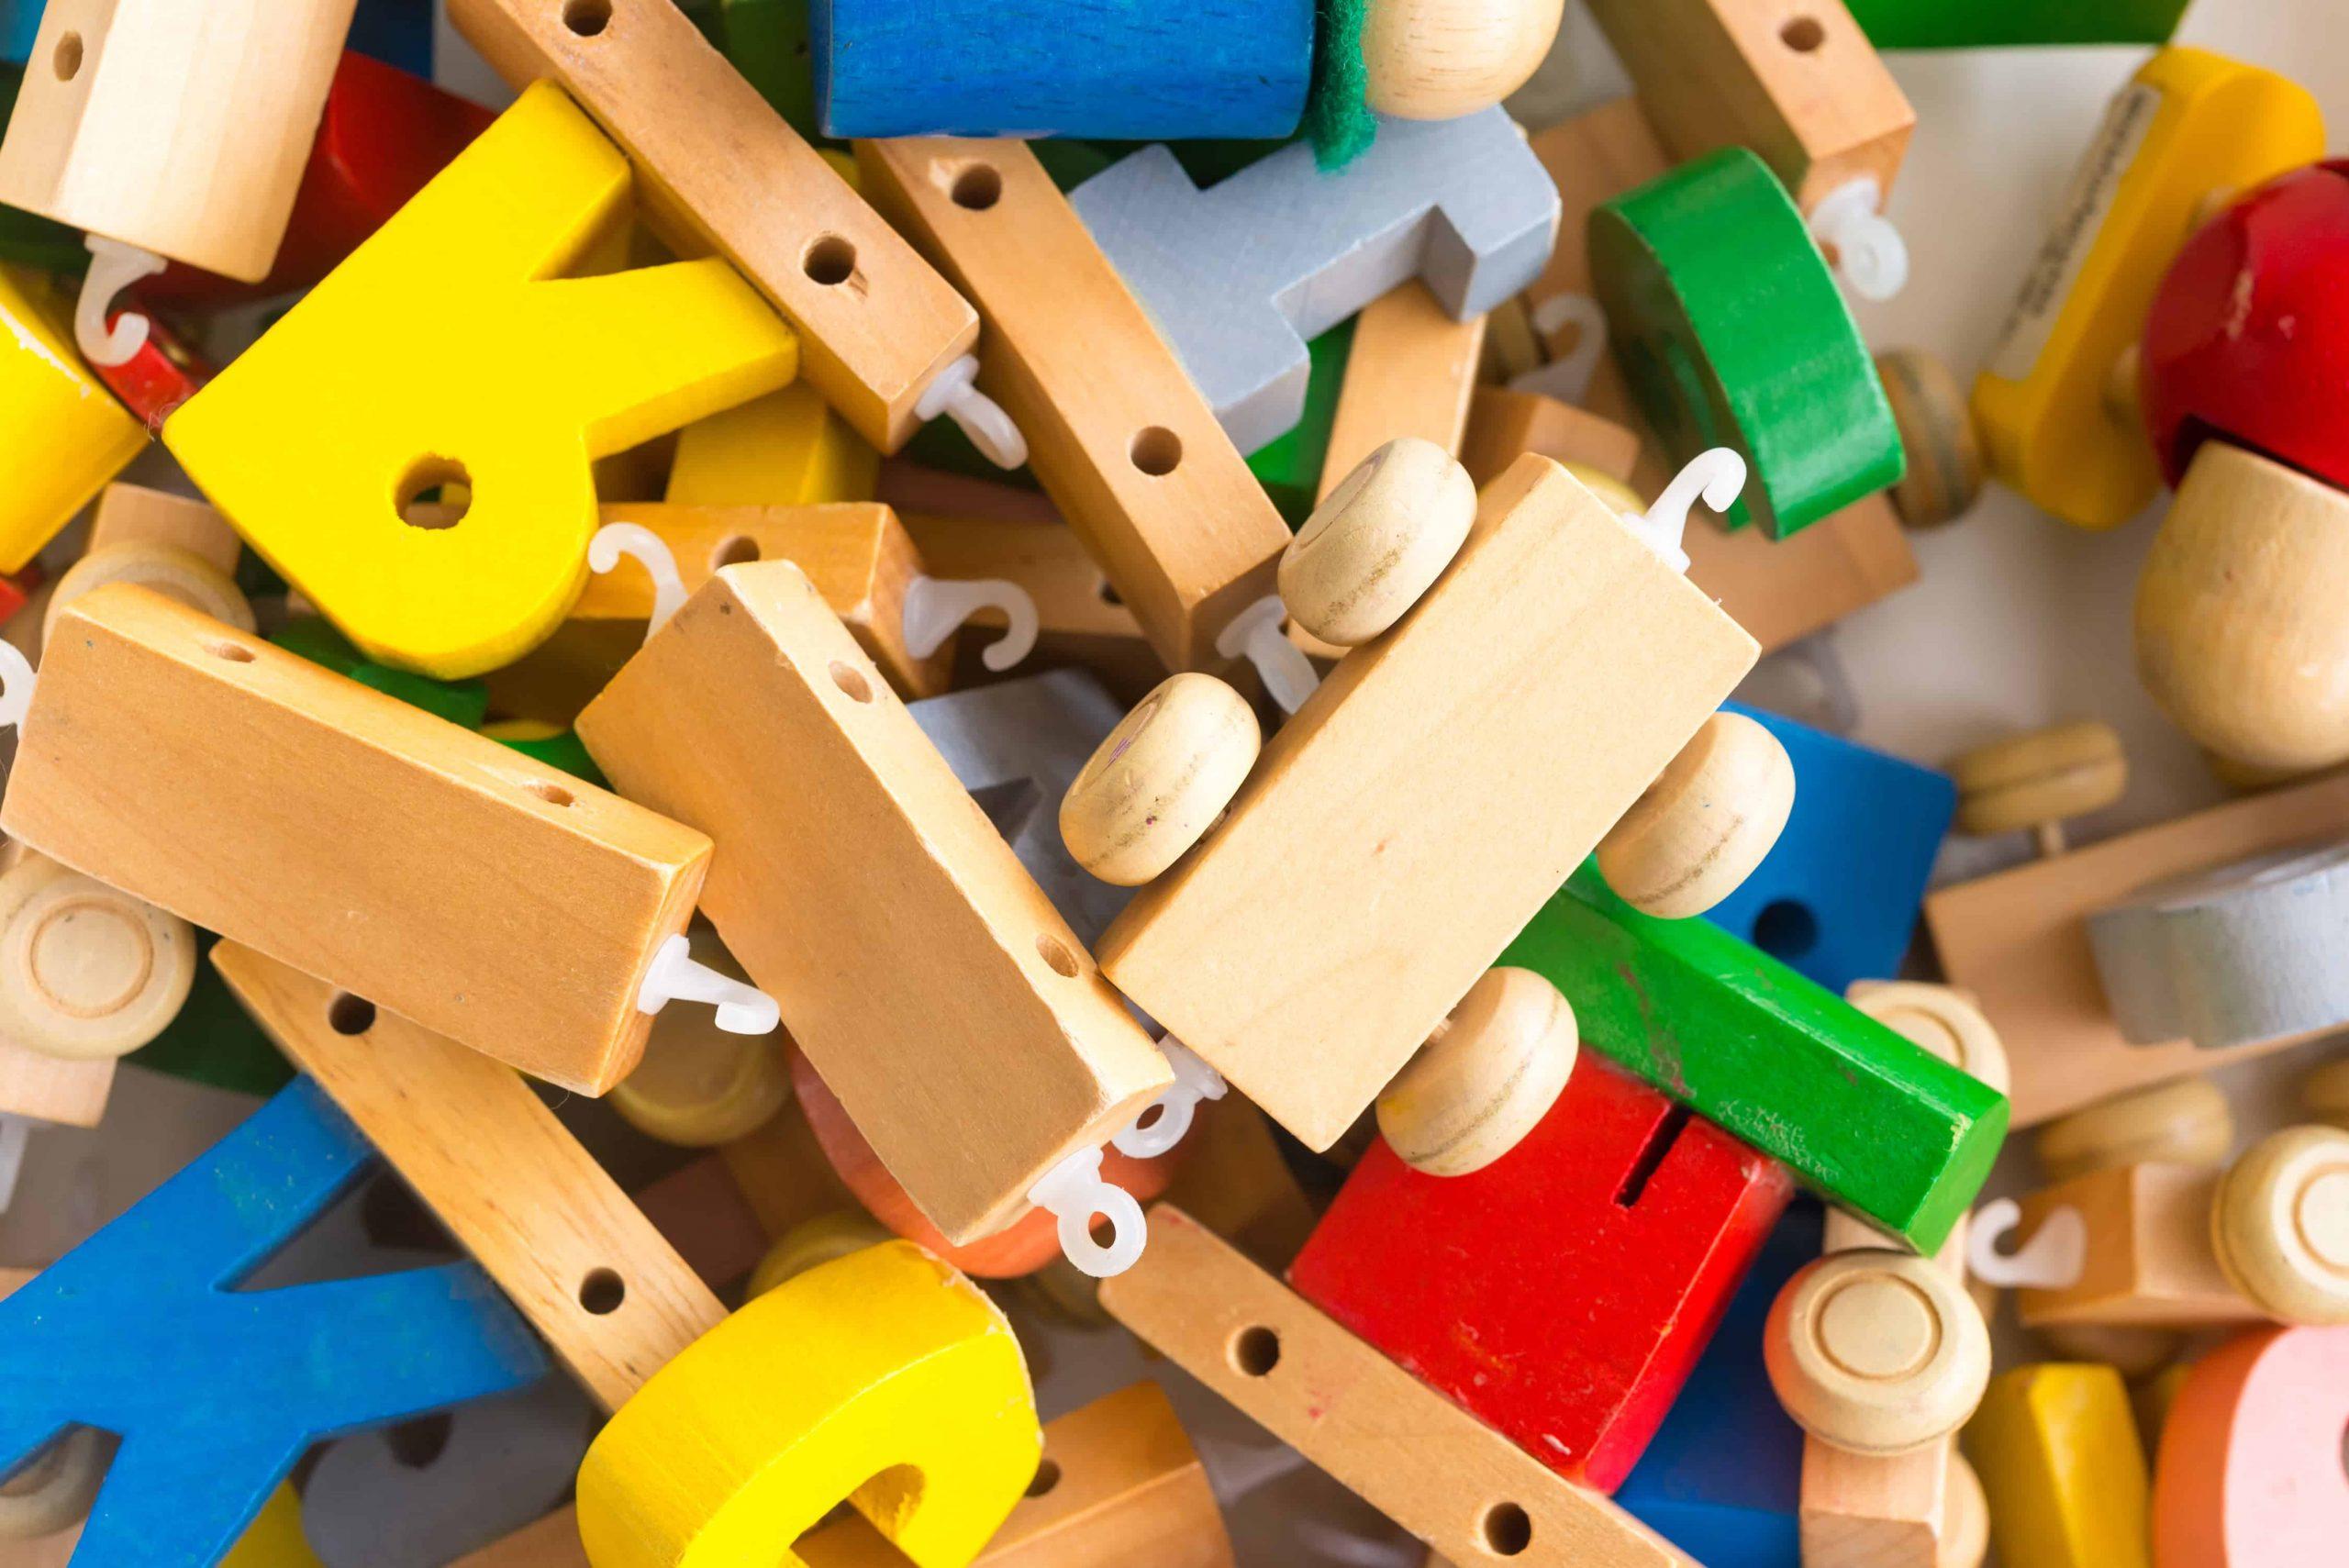 Migliori giochi per bambini di 1 anno 2020: Guida all'acquisto